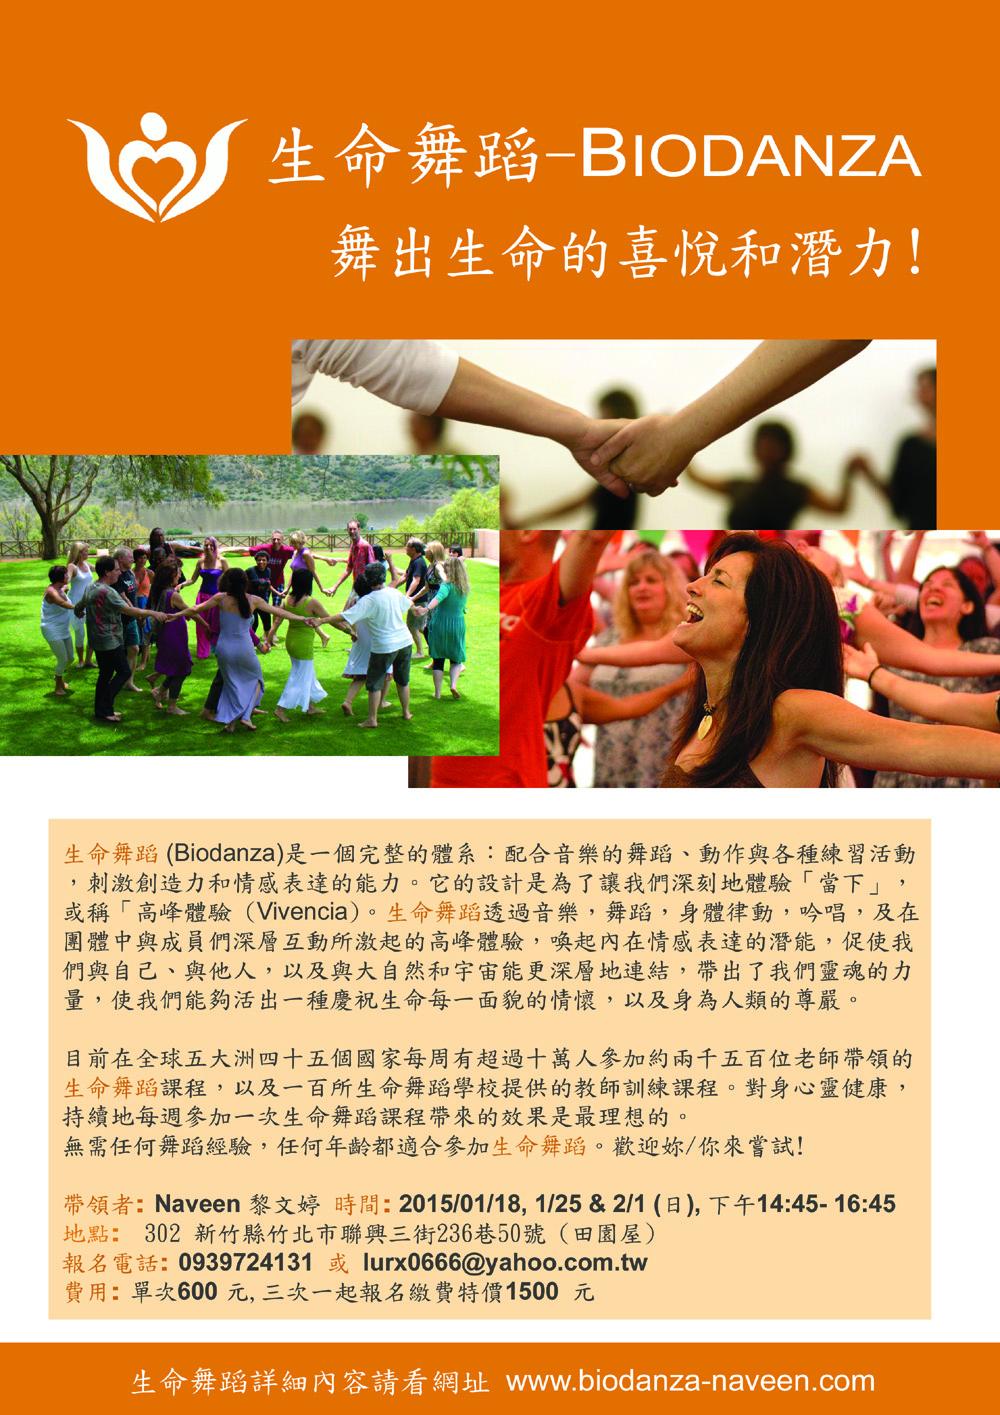 生命舞蹈竹北市活動